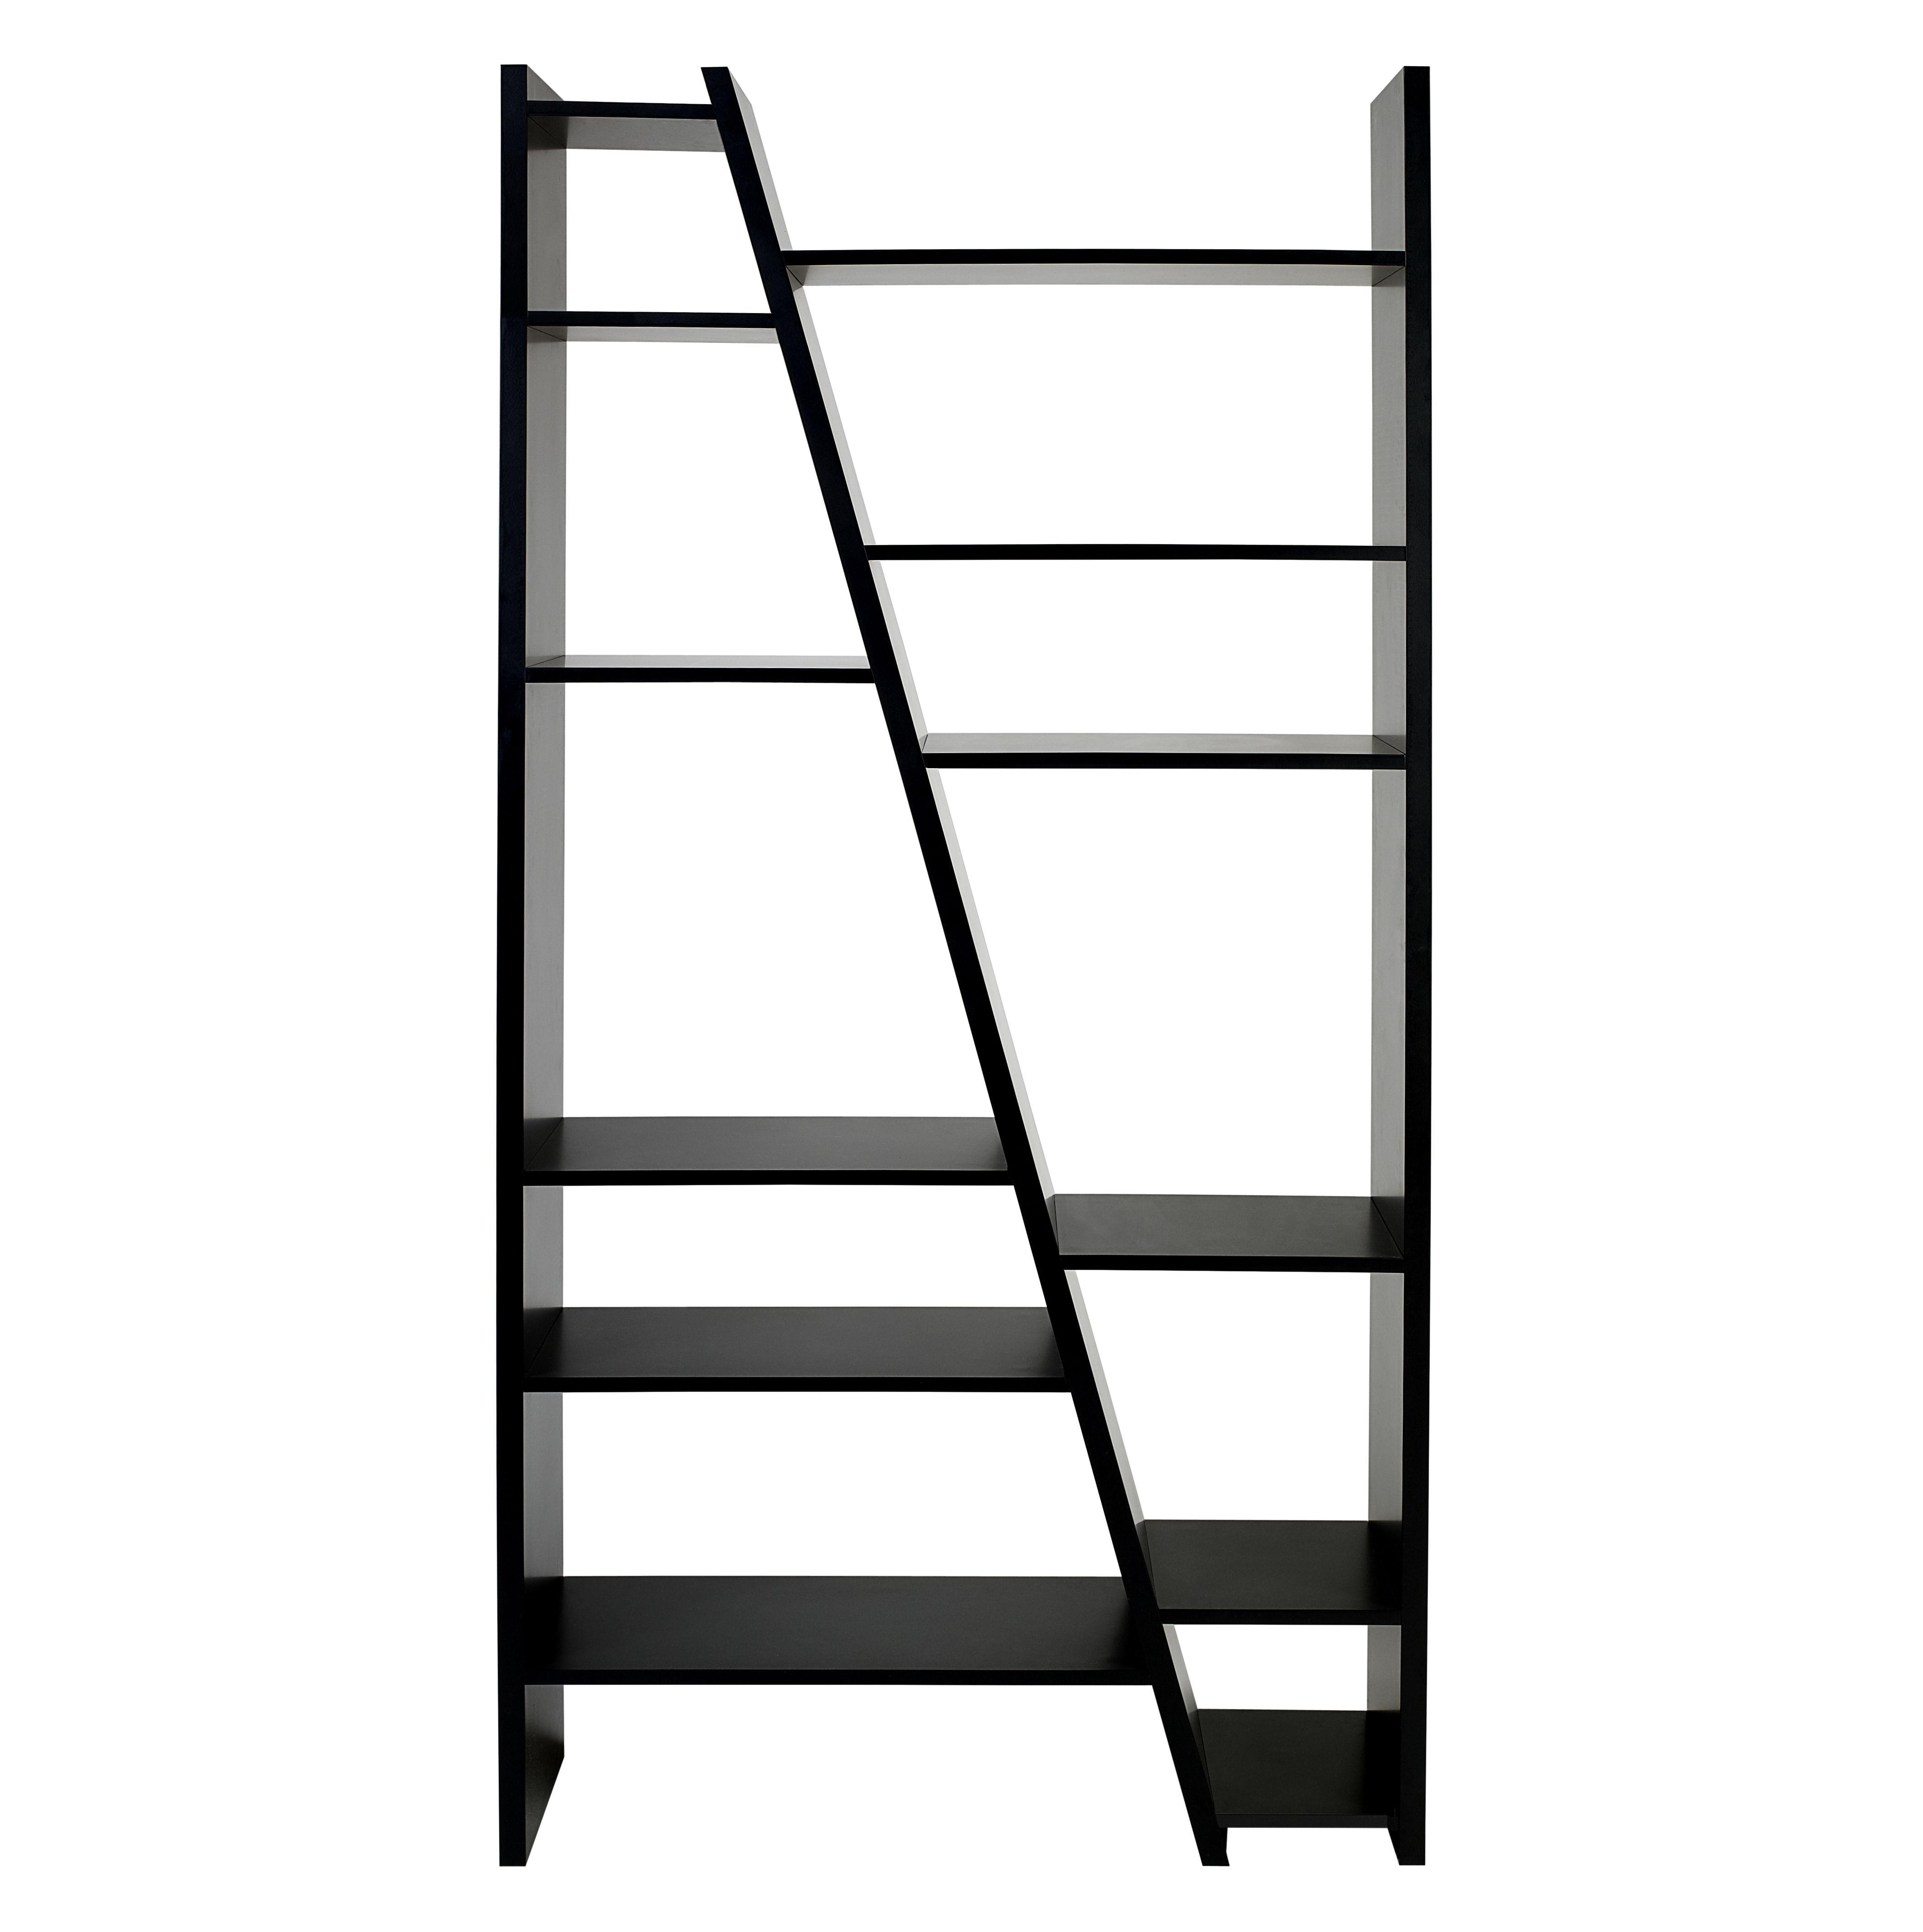 Möbel - Regale und Bücherregale - San Andreas 002 Bücherregal / L 97 cm x H 195 cm - POP UP HOME - Schwarz - Leichtbauplatten, Melamin